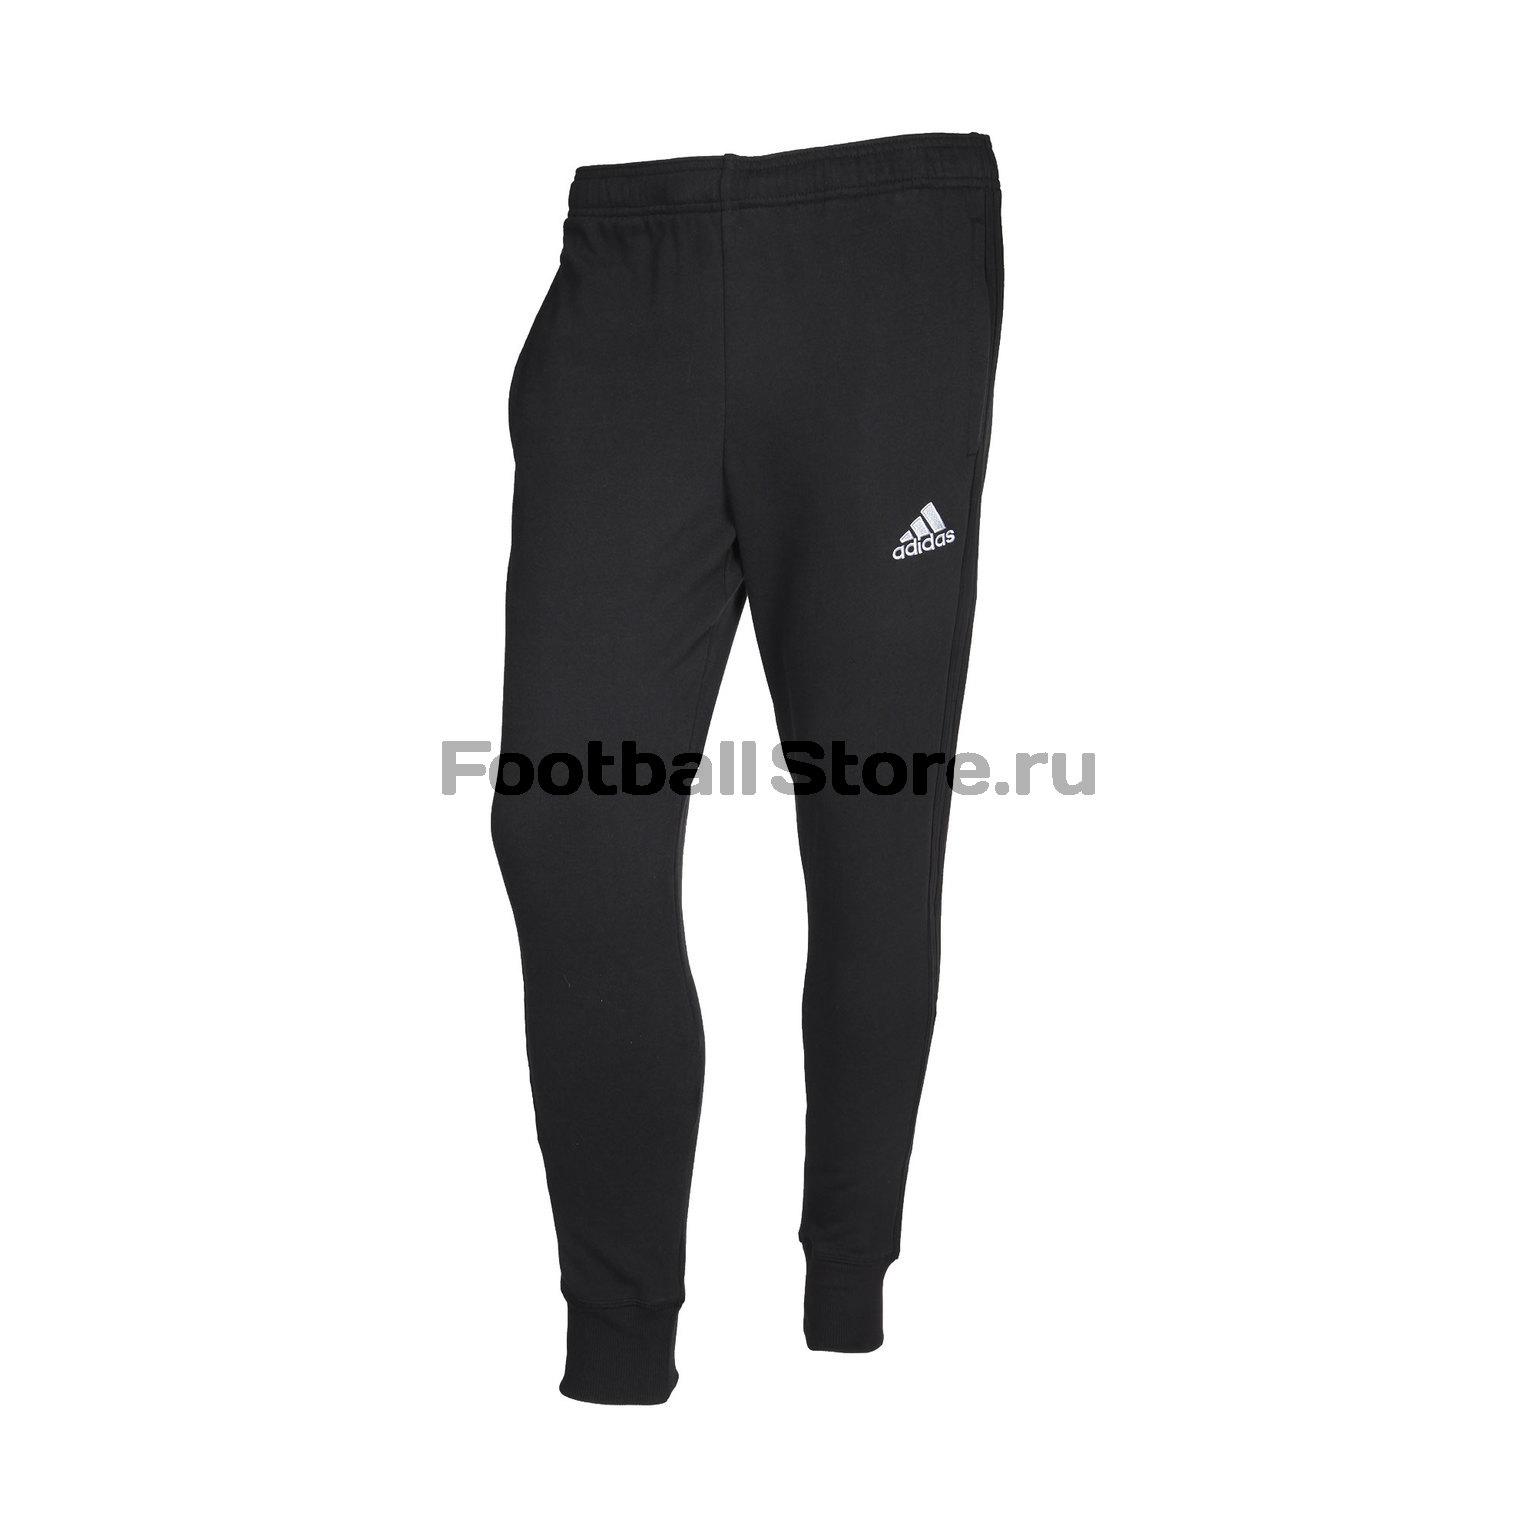 Брюки Adidas Брюки тренировочные Adidas Tiro17 Swt Pnt AY2960 adidas брюки mufc eu swt pnt